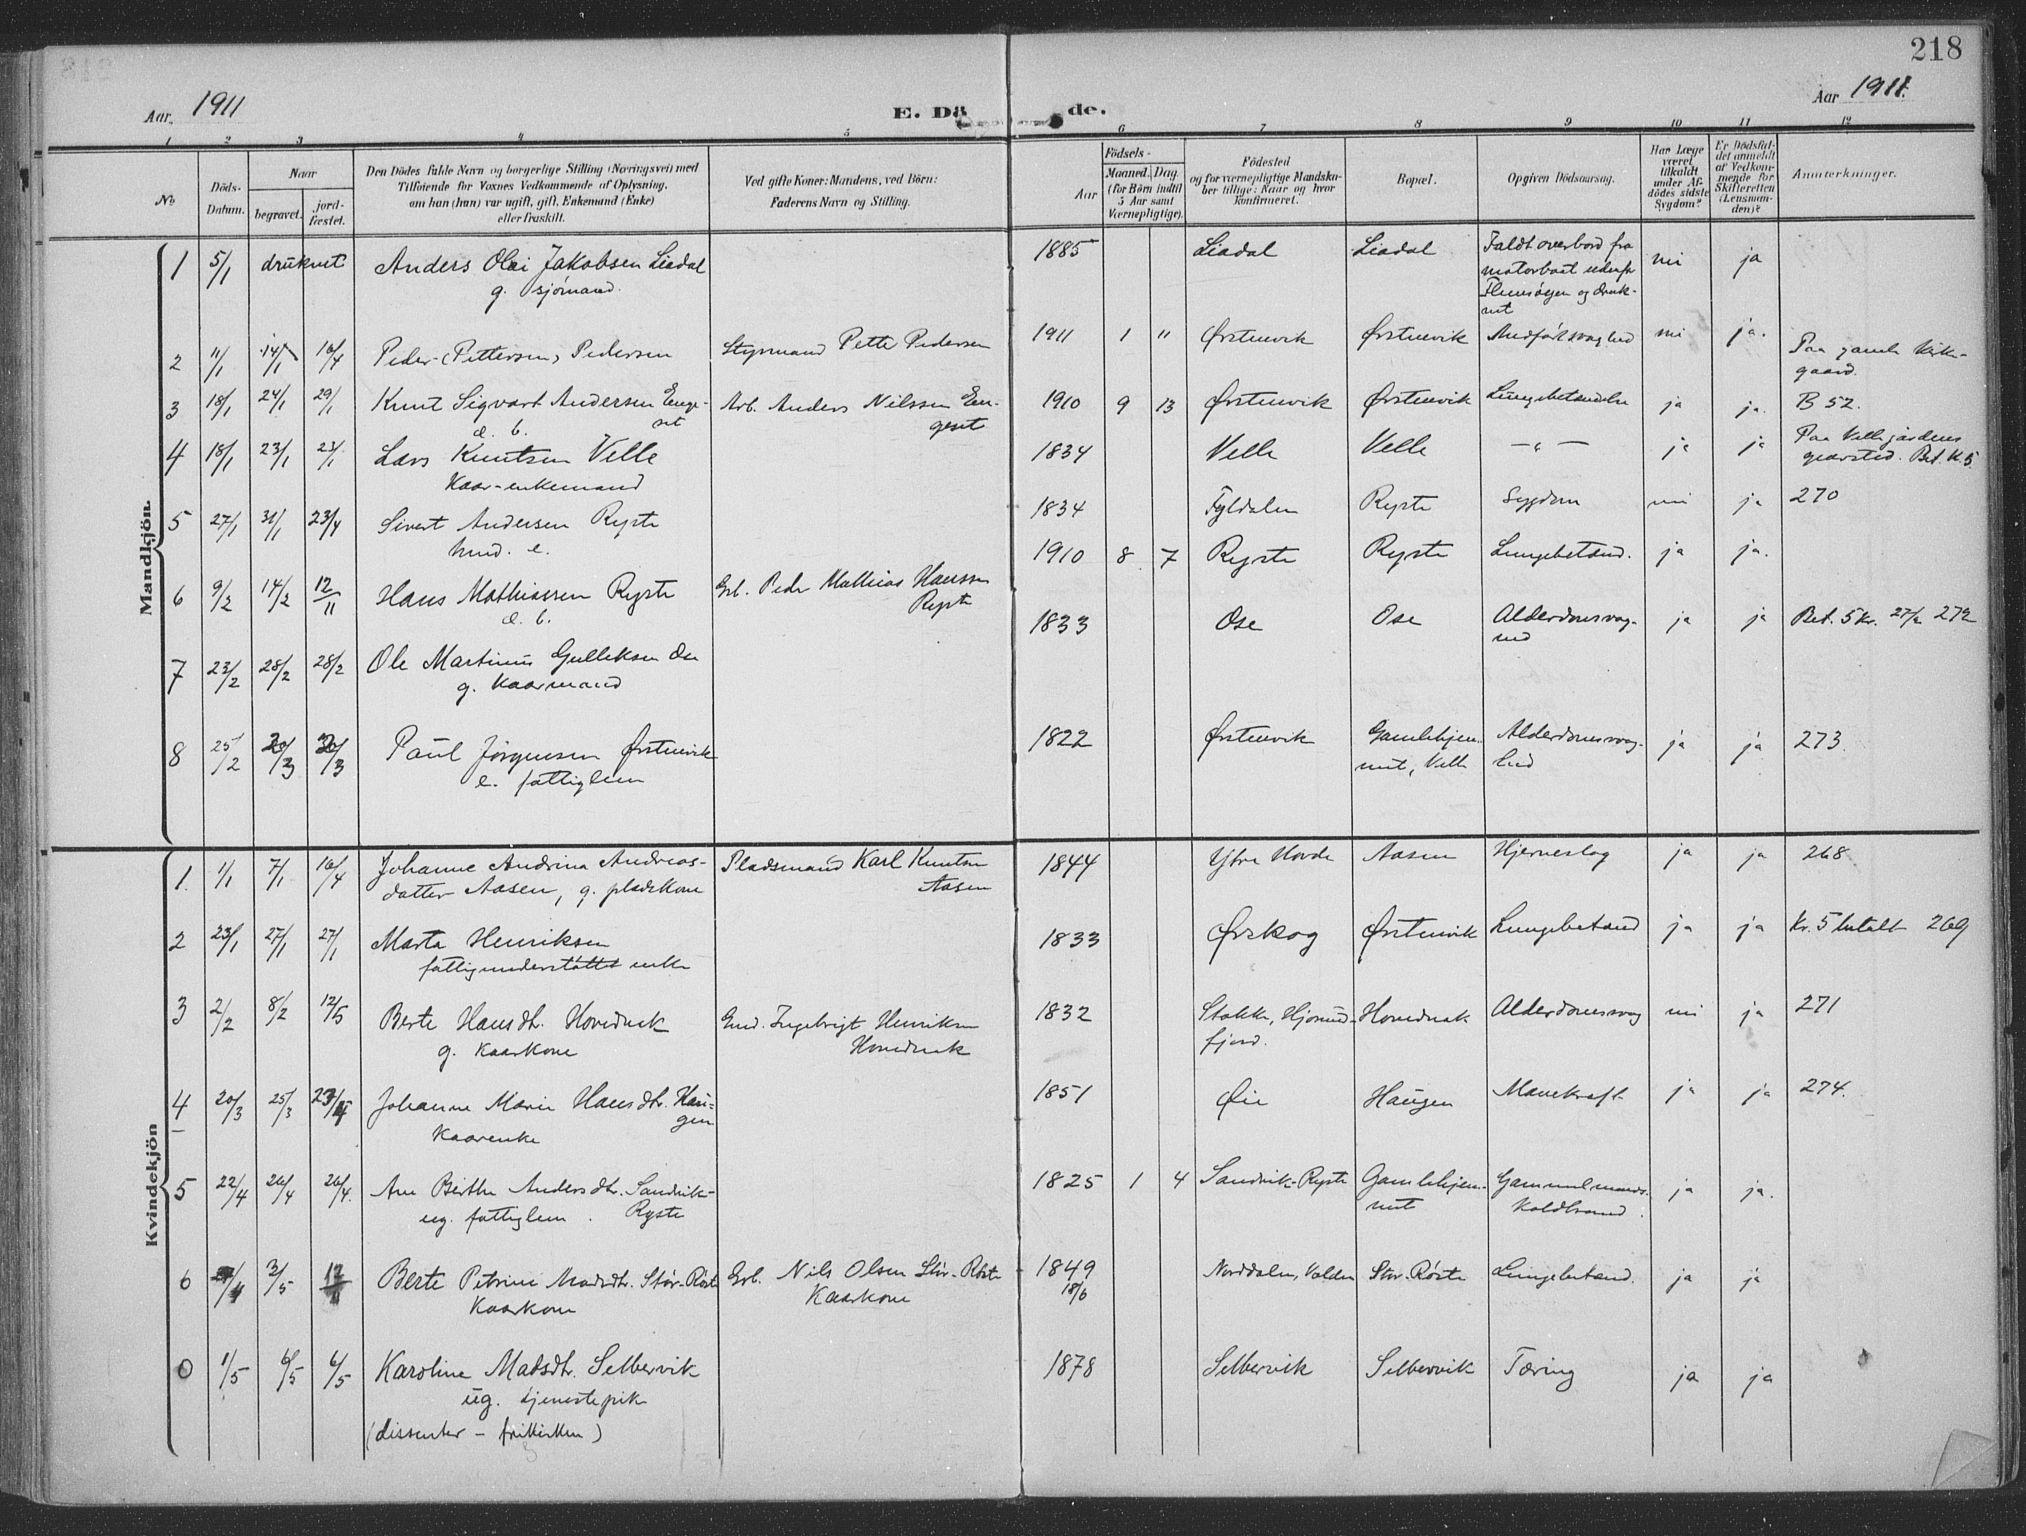 SAT, Ministerialprotokoller, klokkerbøker og fødselsregistre - Møre og Romsdal, 513/L0178: Ministerialbok nr. 513A05, 1906-1919, s. 218